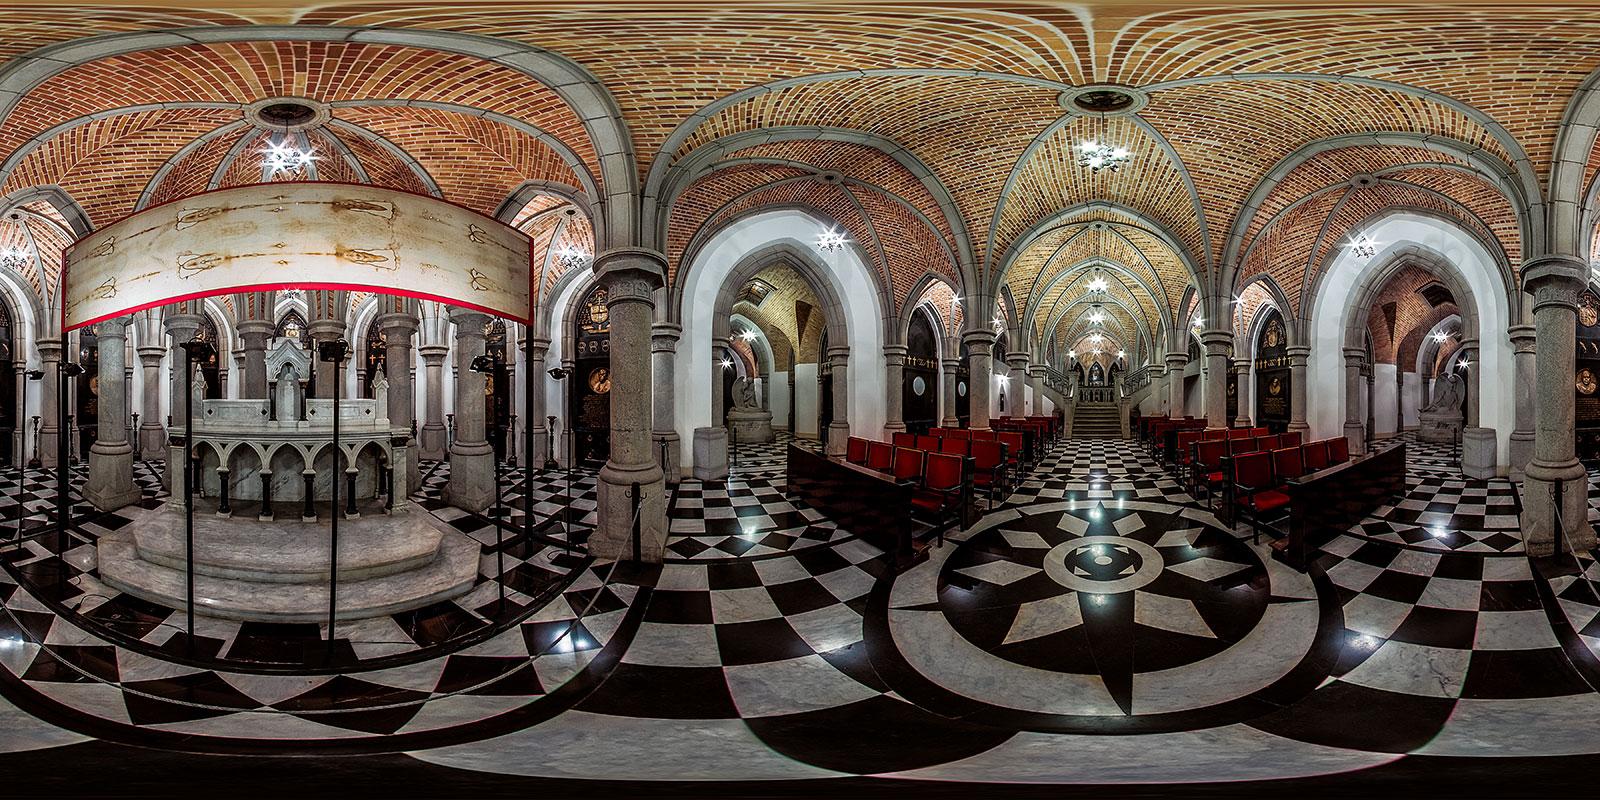 Catedral da Sé - Tour 360